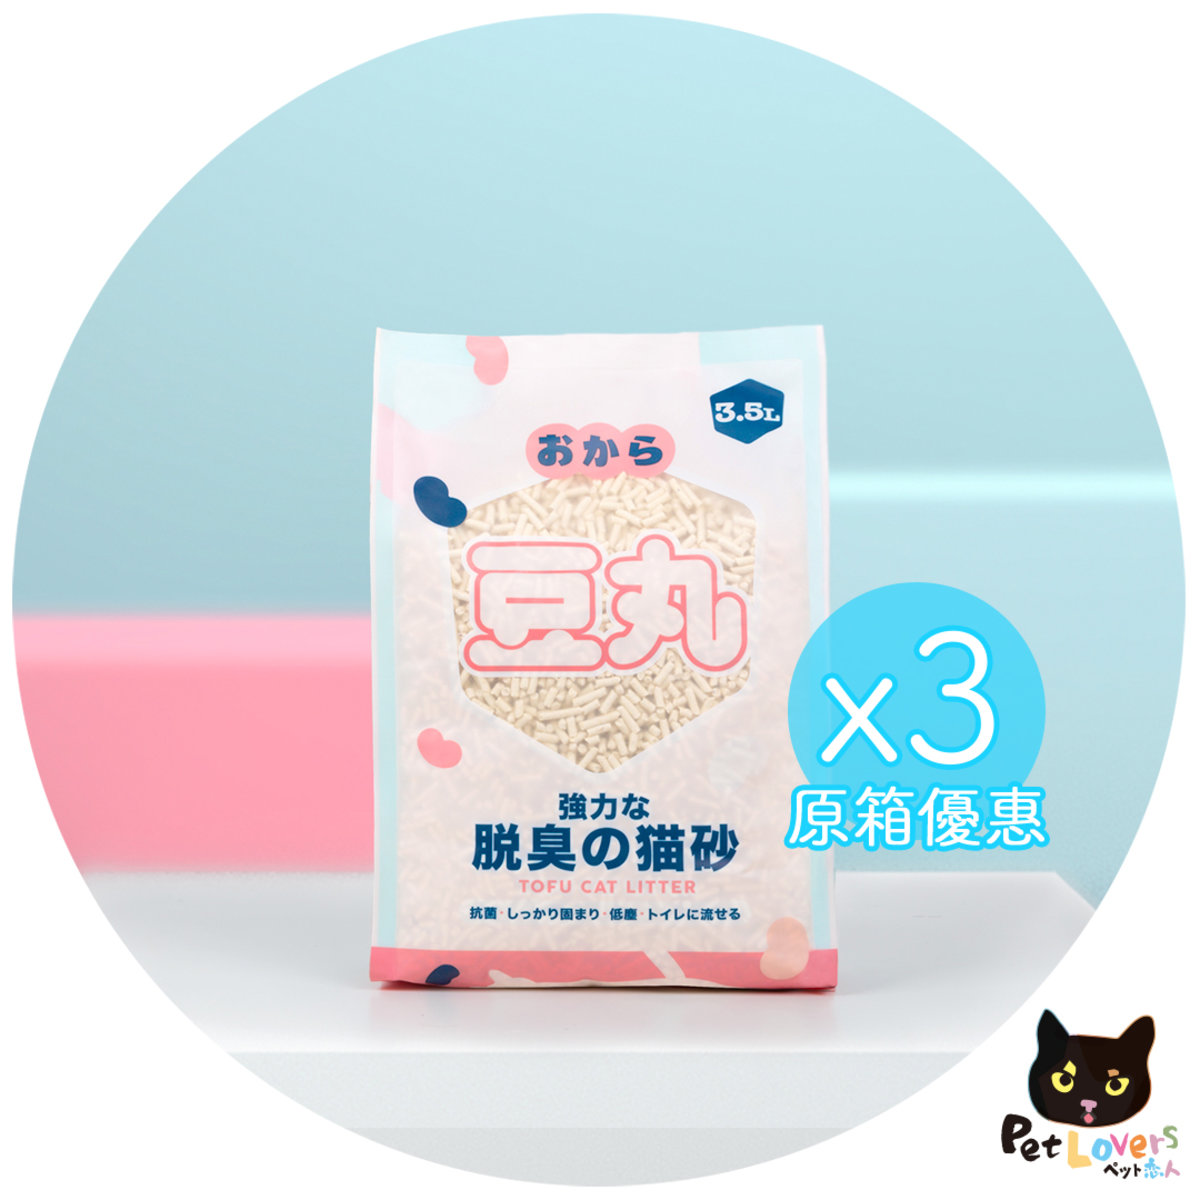 天然原味豆腐砂3.5Lx3